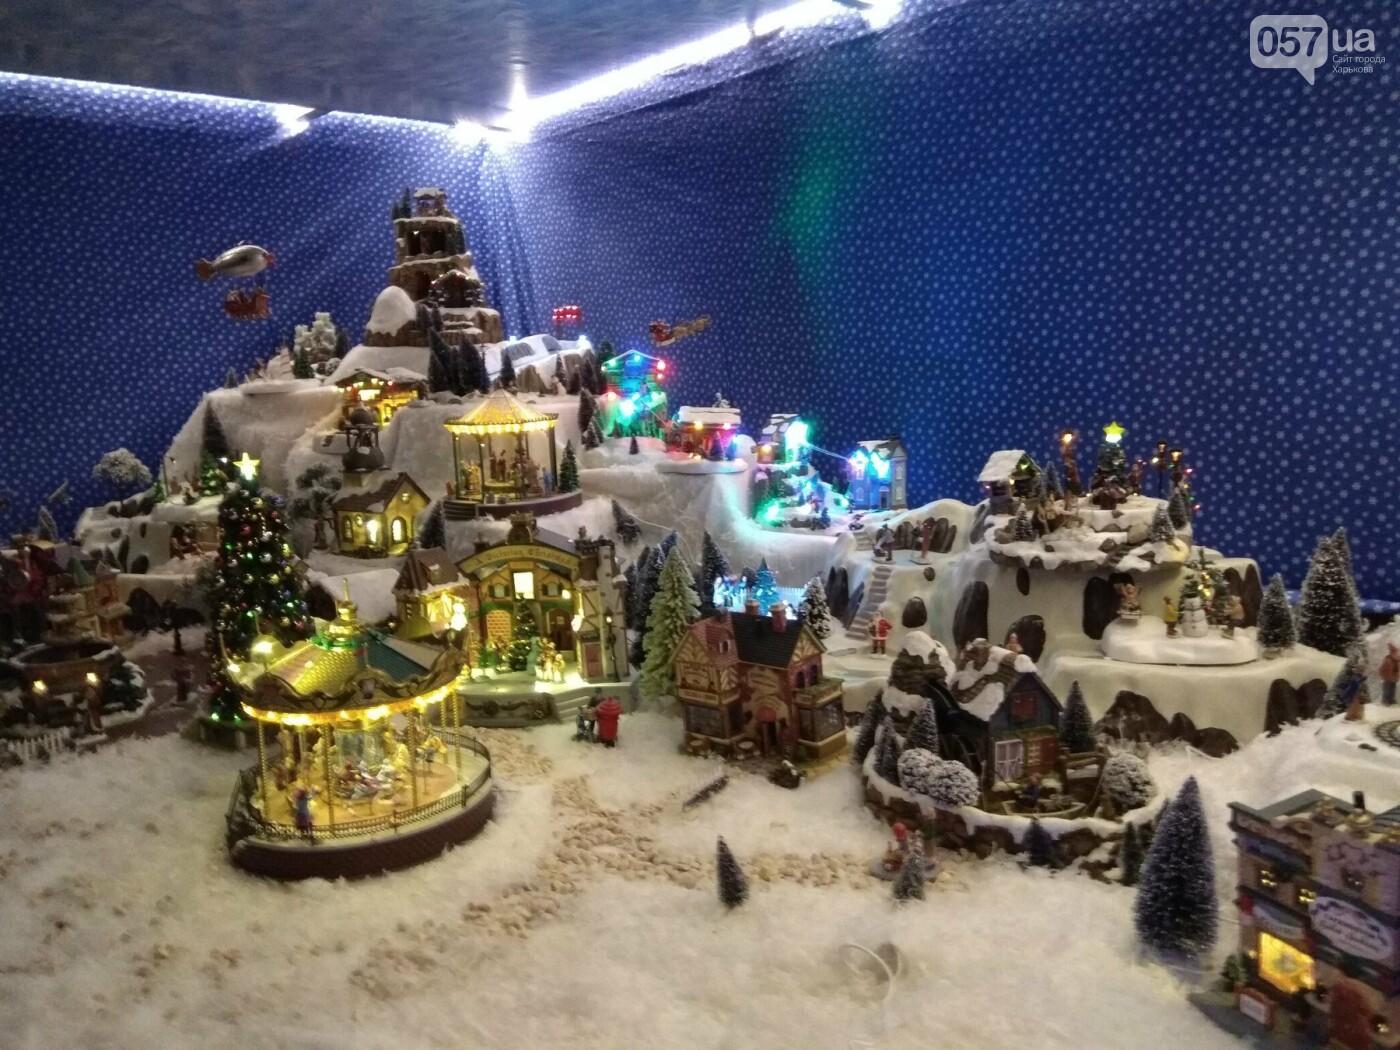 Фабрика елочных игрушек под Киевом. Куда харьковчане могут поехать на выходных, - ФОТО, фото-31